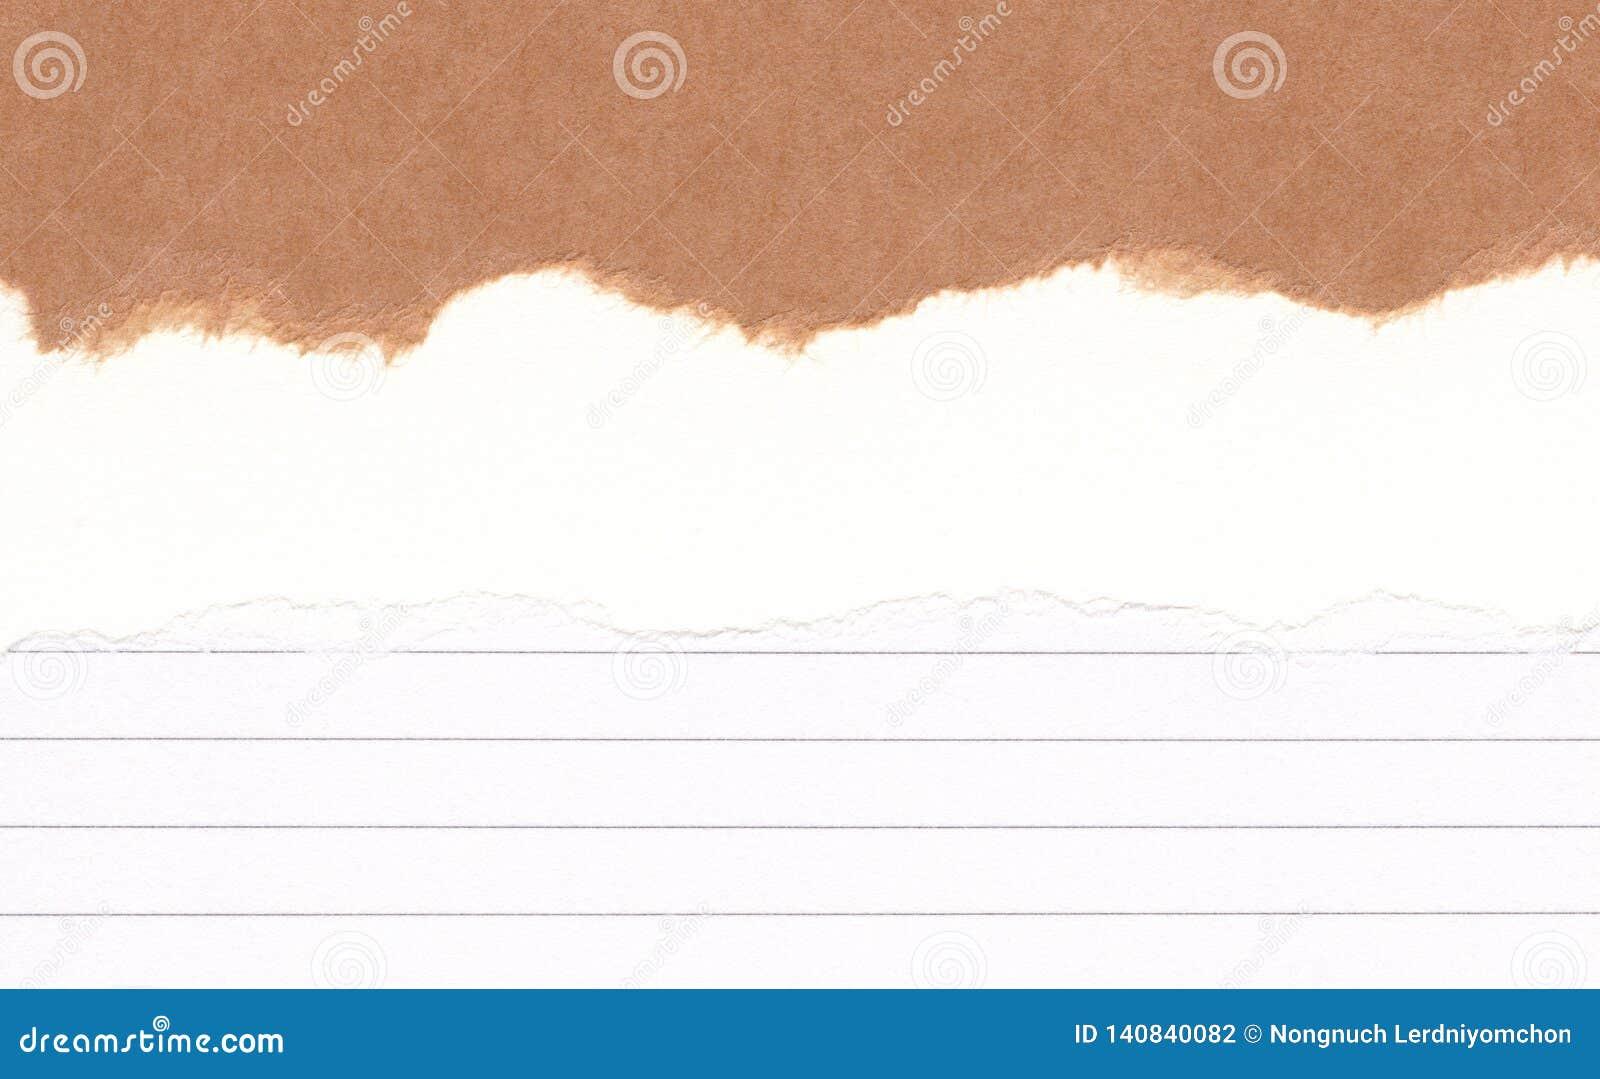 Papel marrom rasgado close up no grunge rasgado fundo da textura do Livro alinhado, Branco Nota de papel do rasgo, folha marrom c